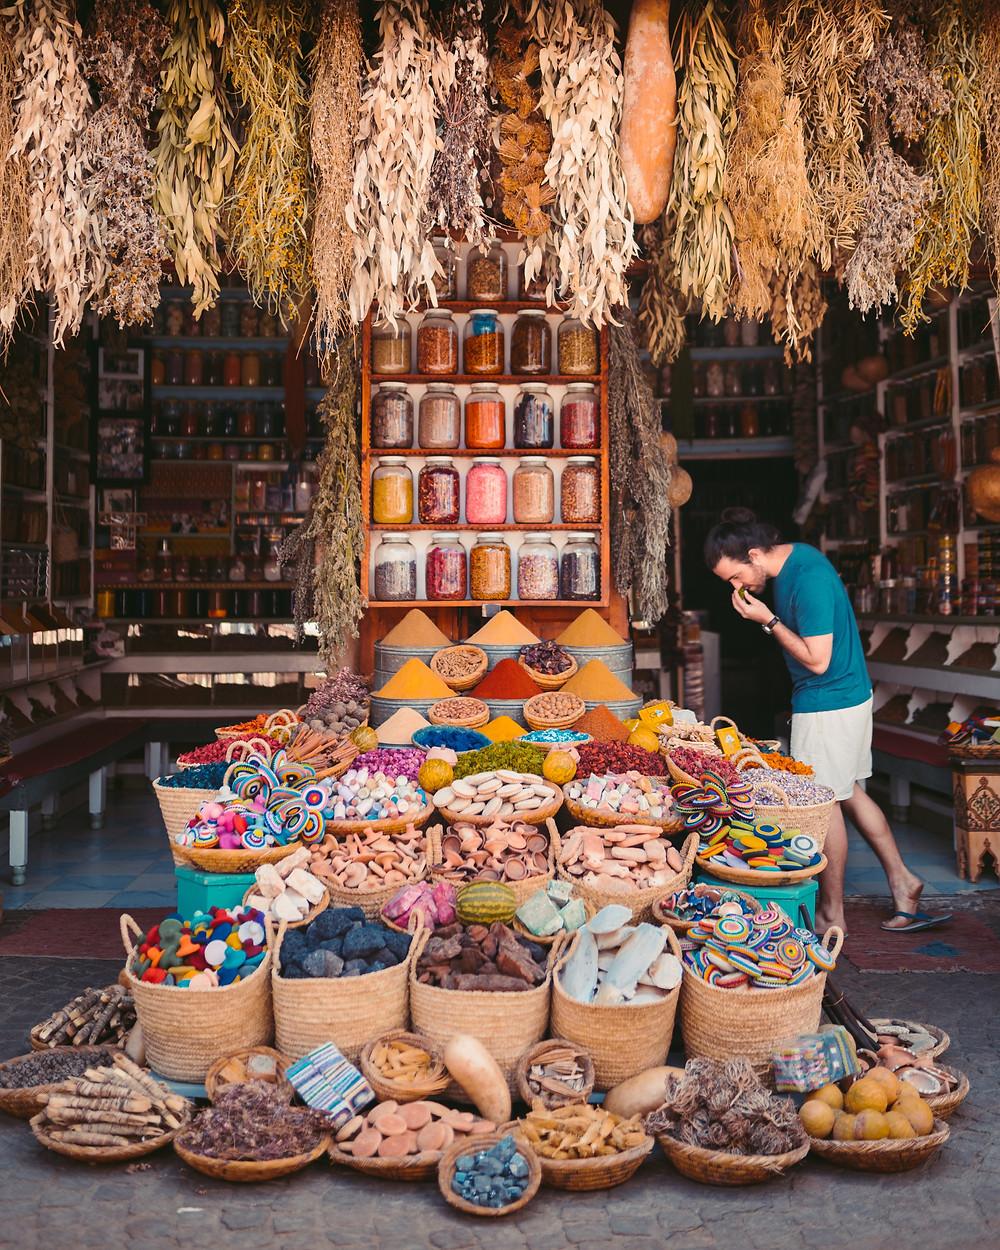 מרקש שבמרוקו אטרקציות שווקים